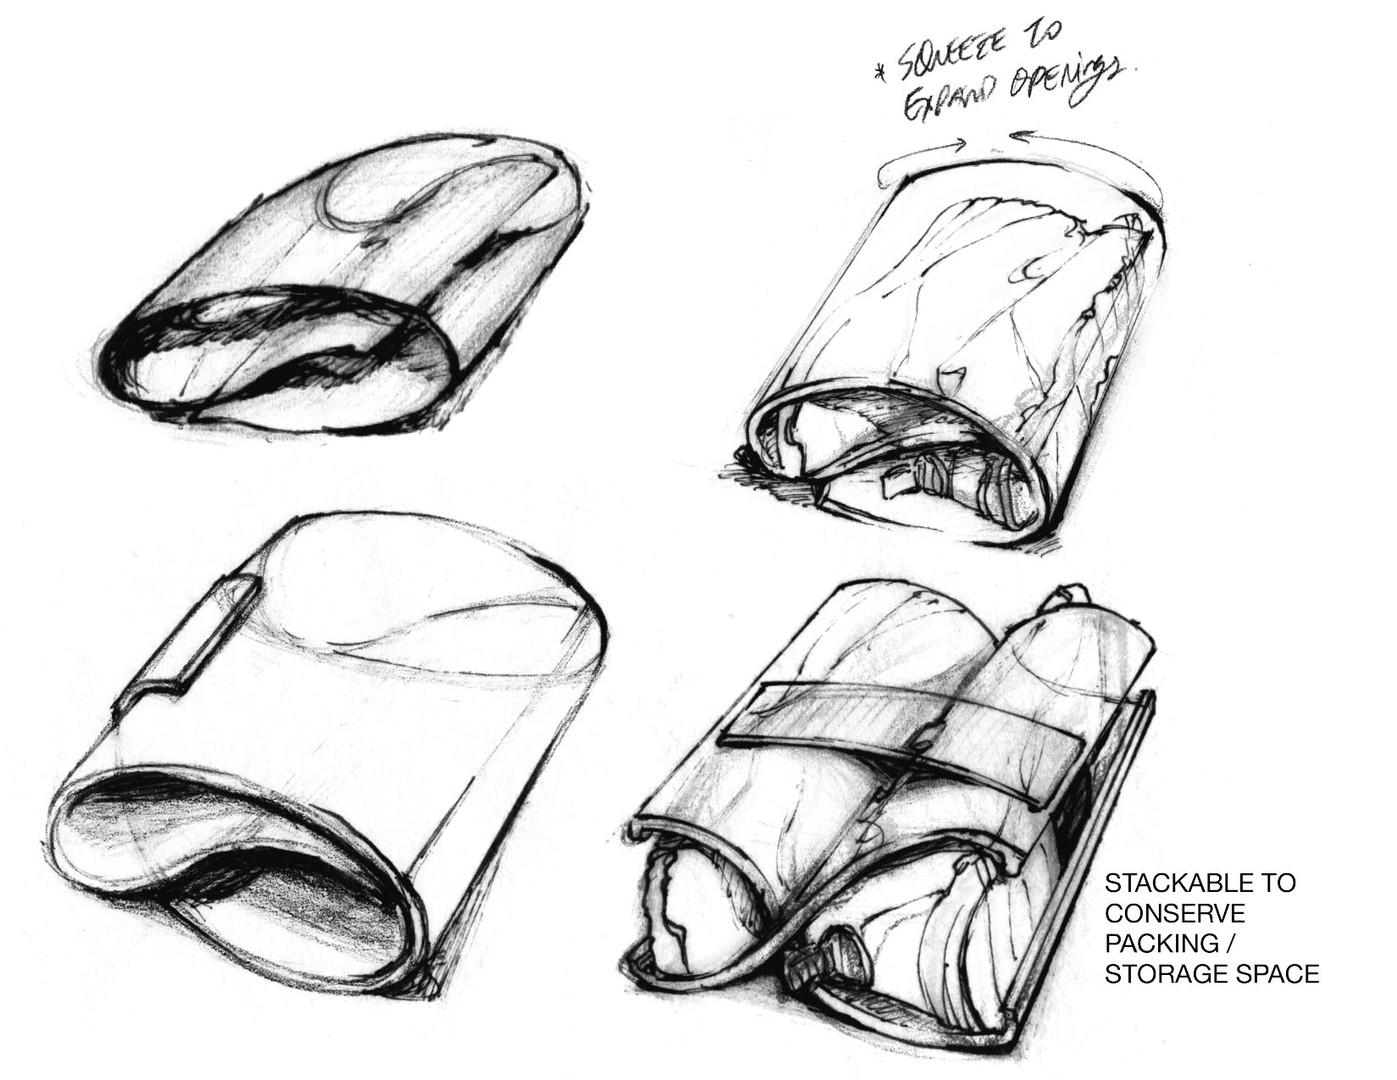 ftwr_pkging_sketches_Artboard-2-01.jpg